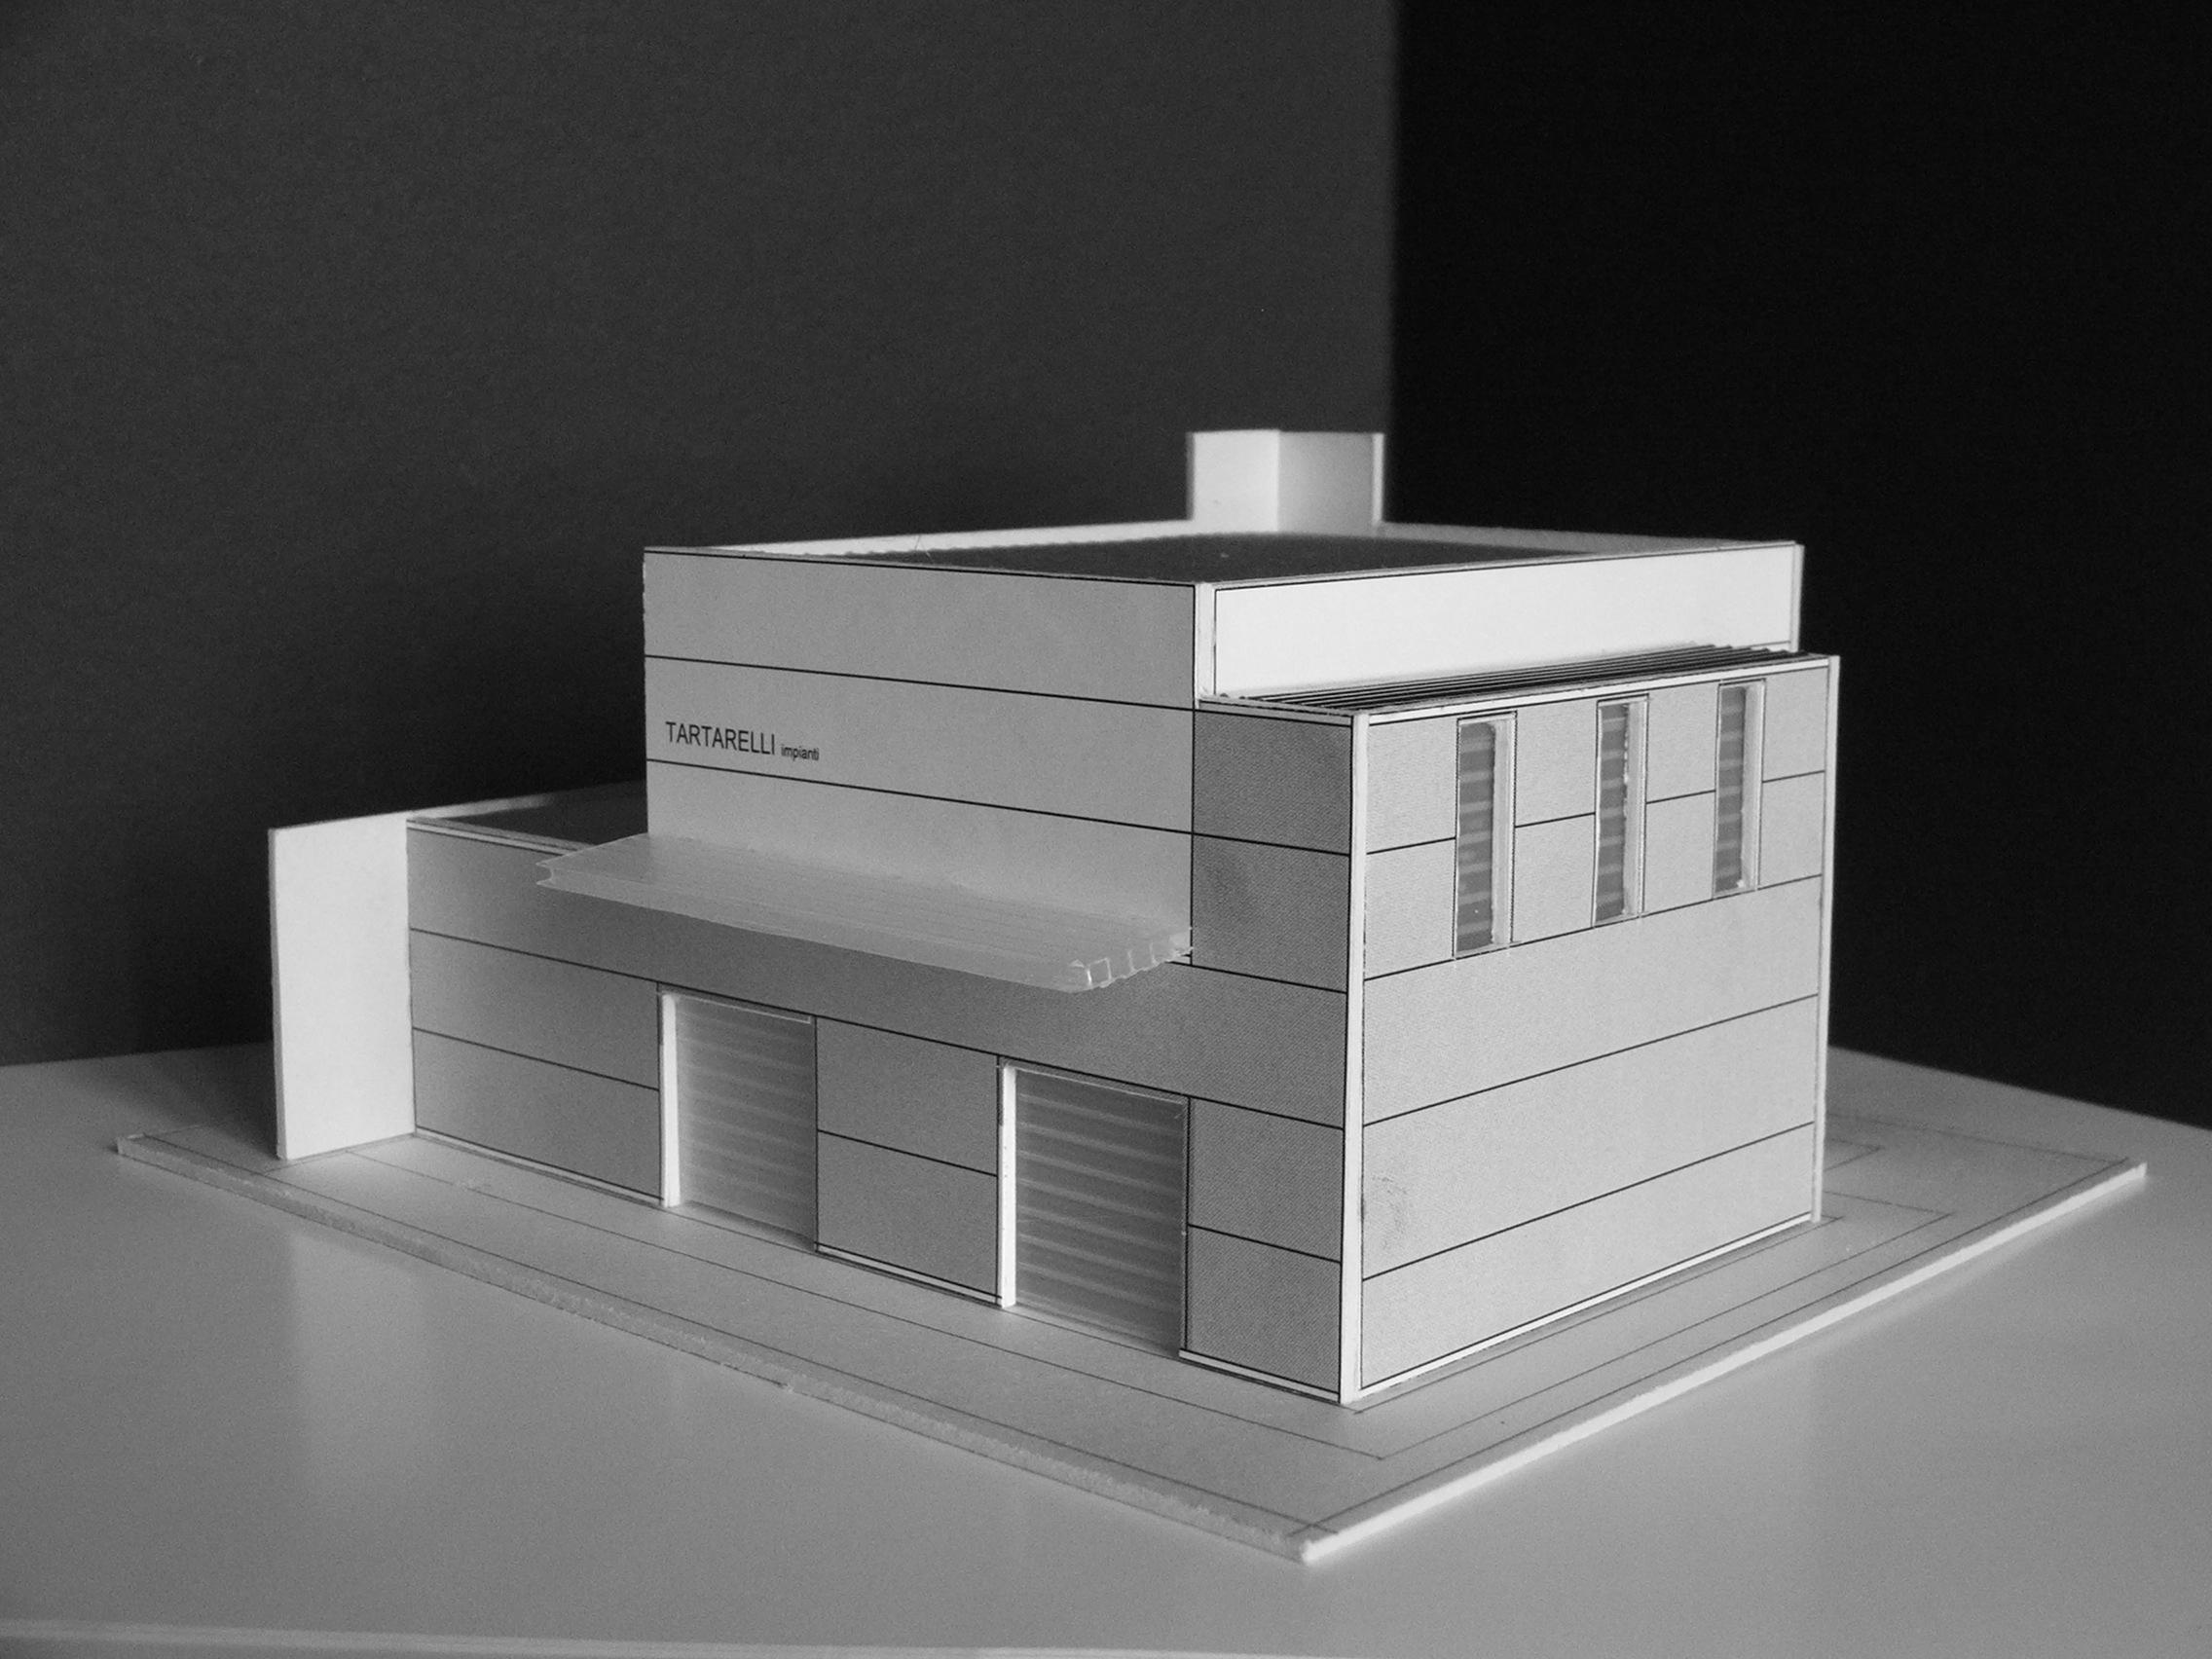 Modello edificio industriale Tartarelli (2)